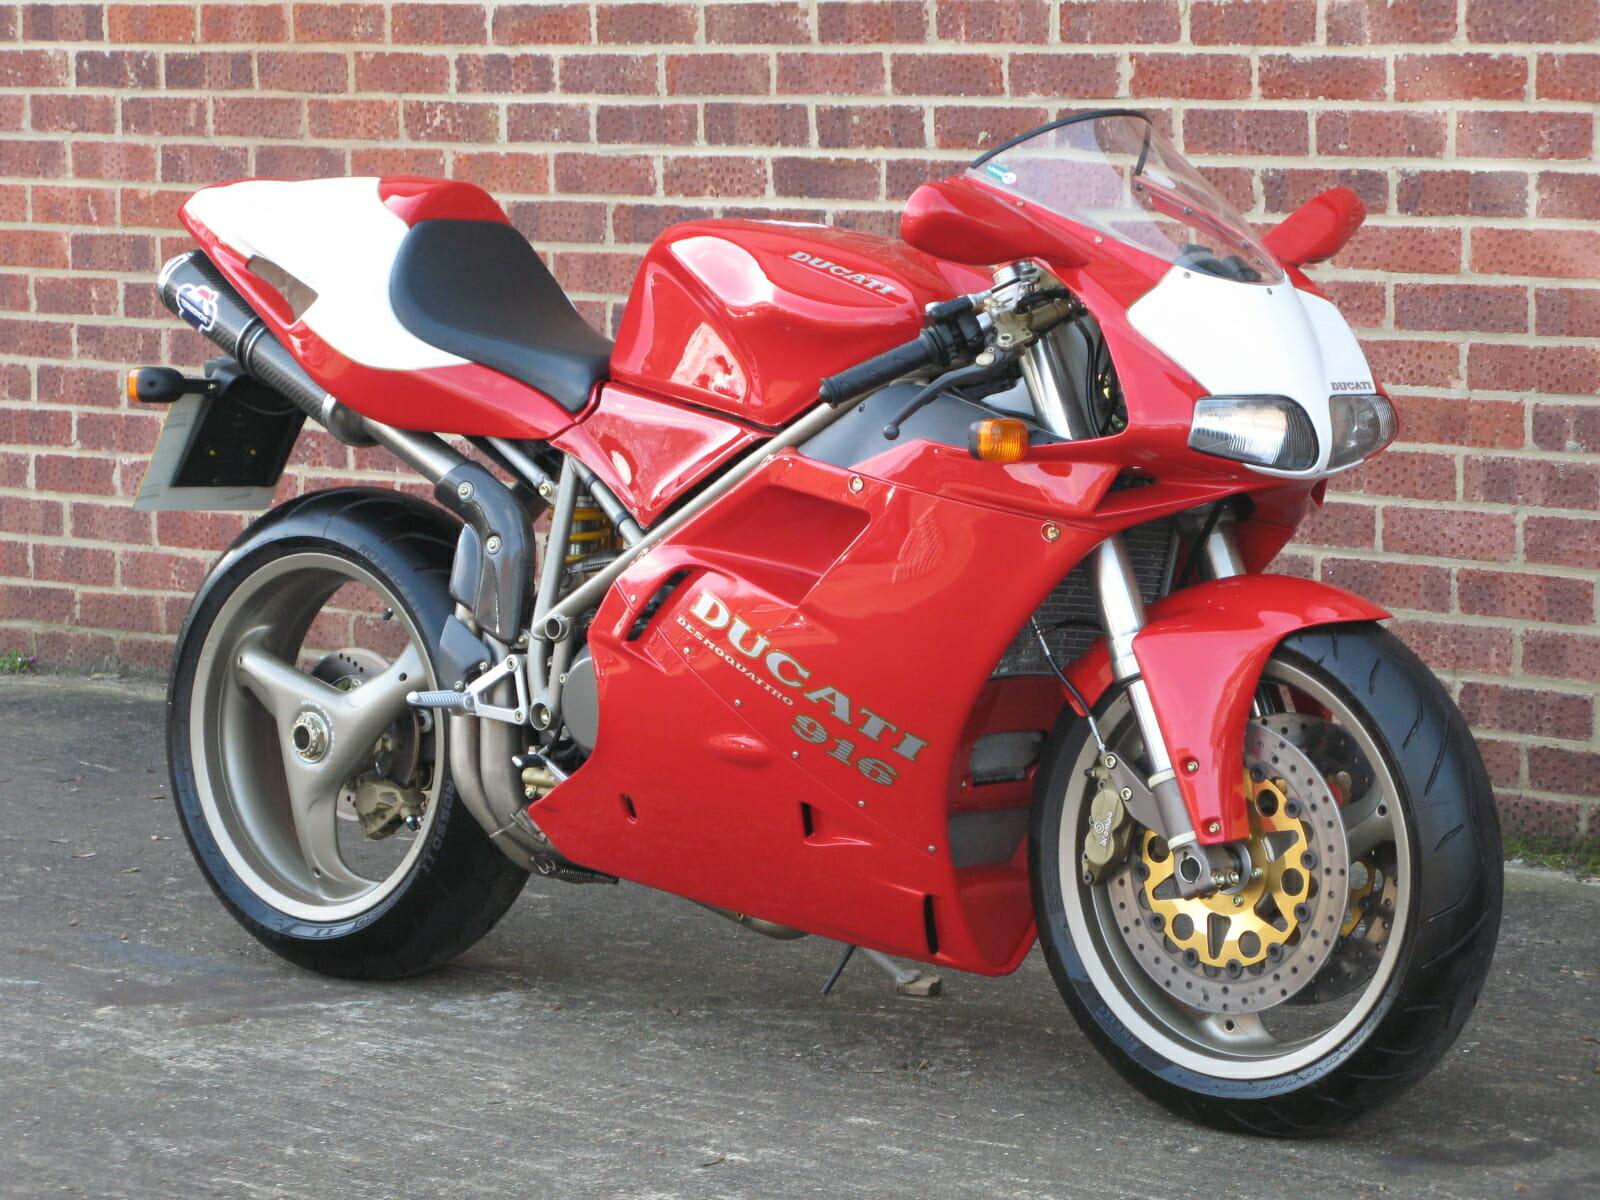 Ducati 916 Sp3 Anthony Godin